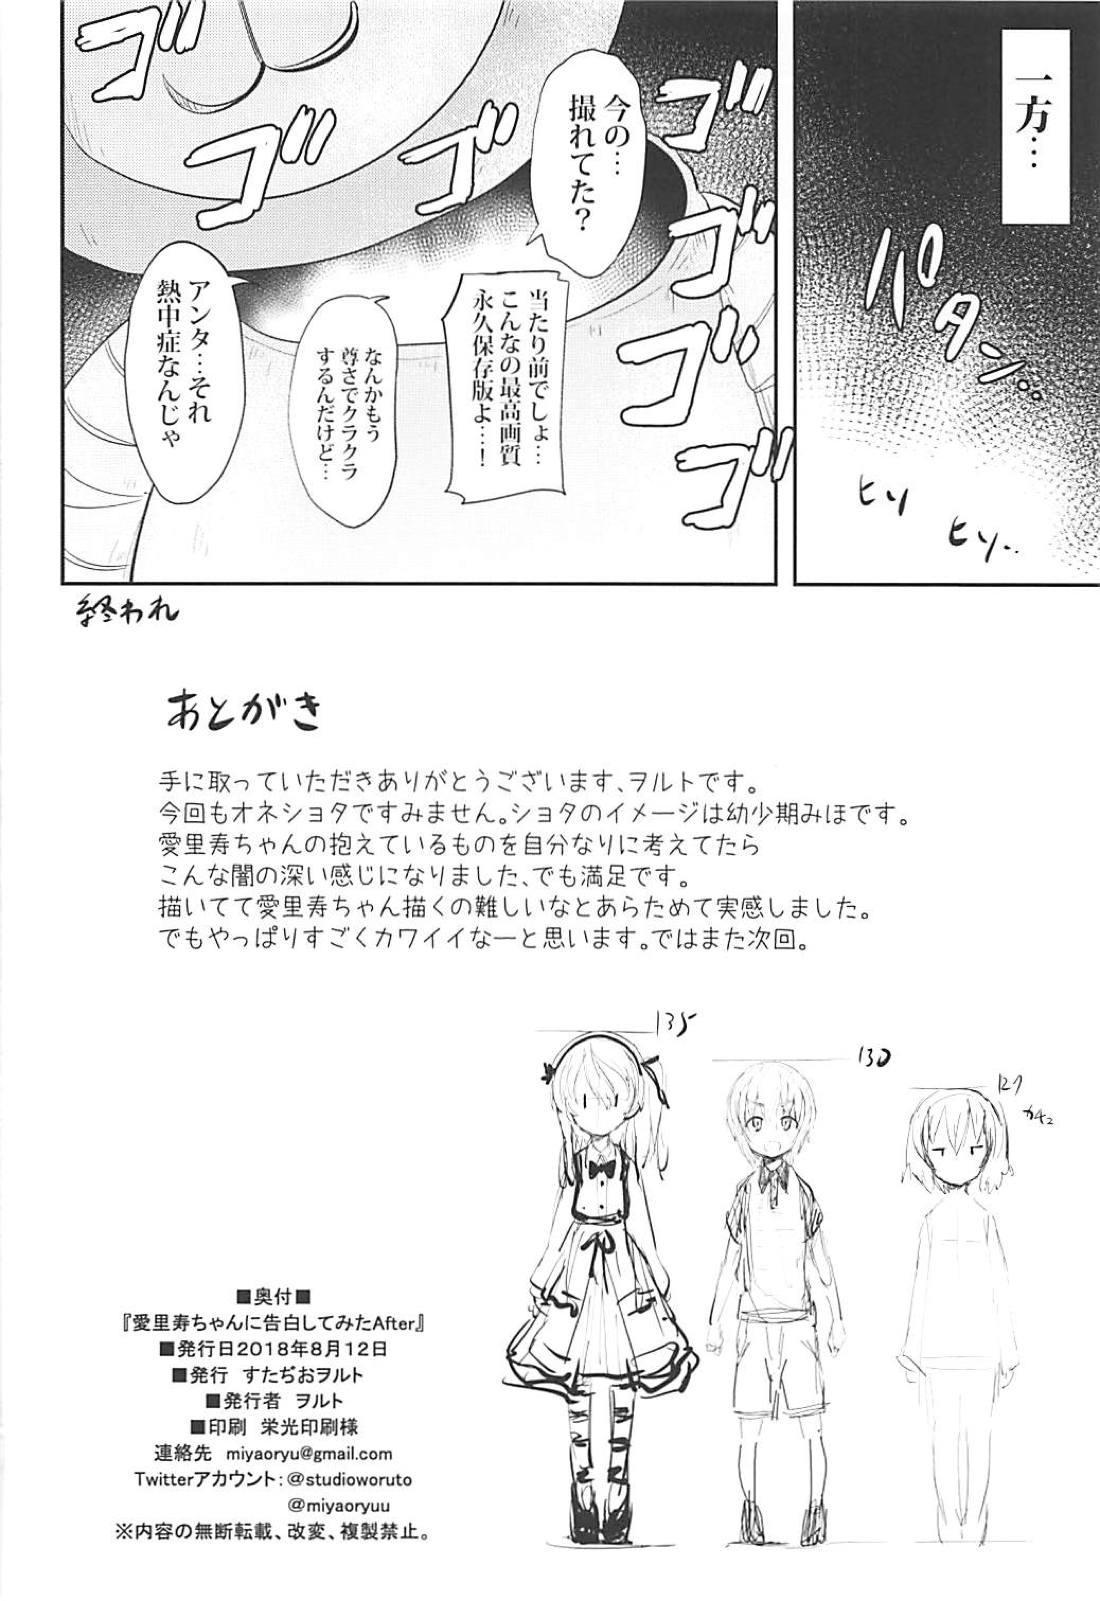 Arisu-chan ni Kokuhaku Shite Mita After 20